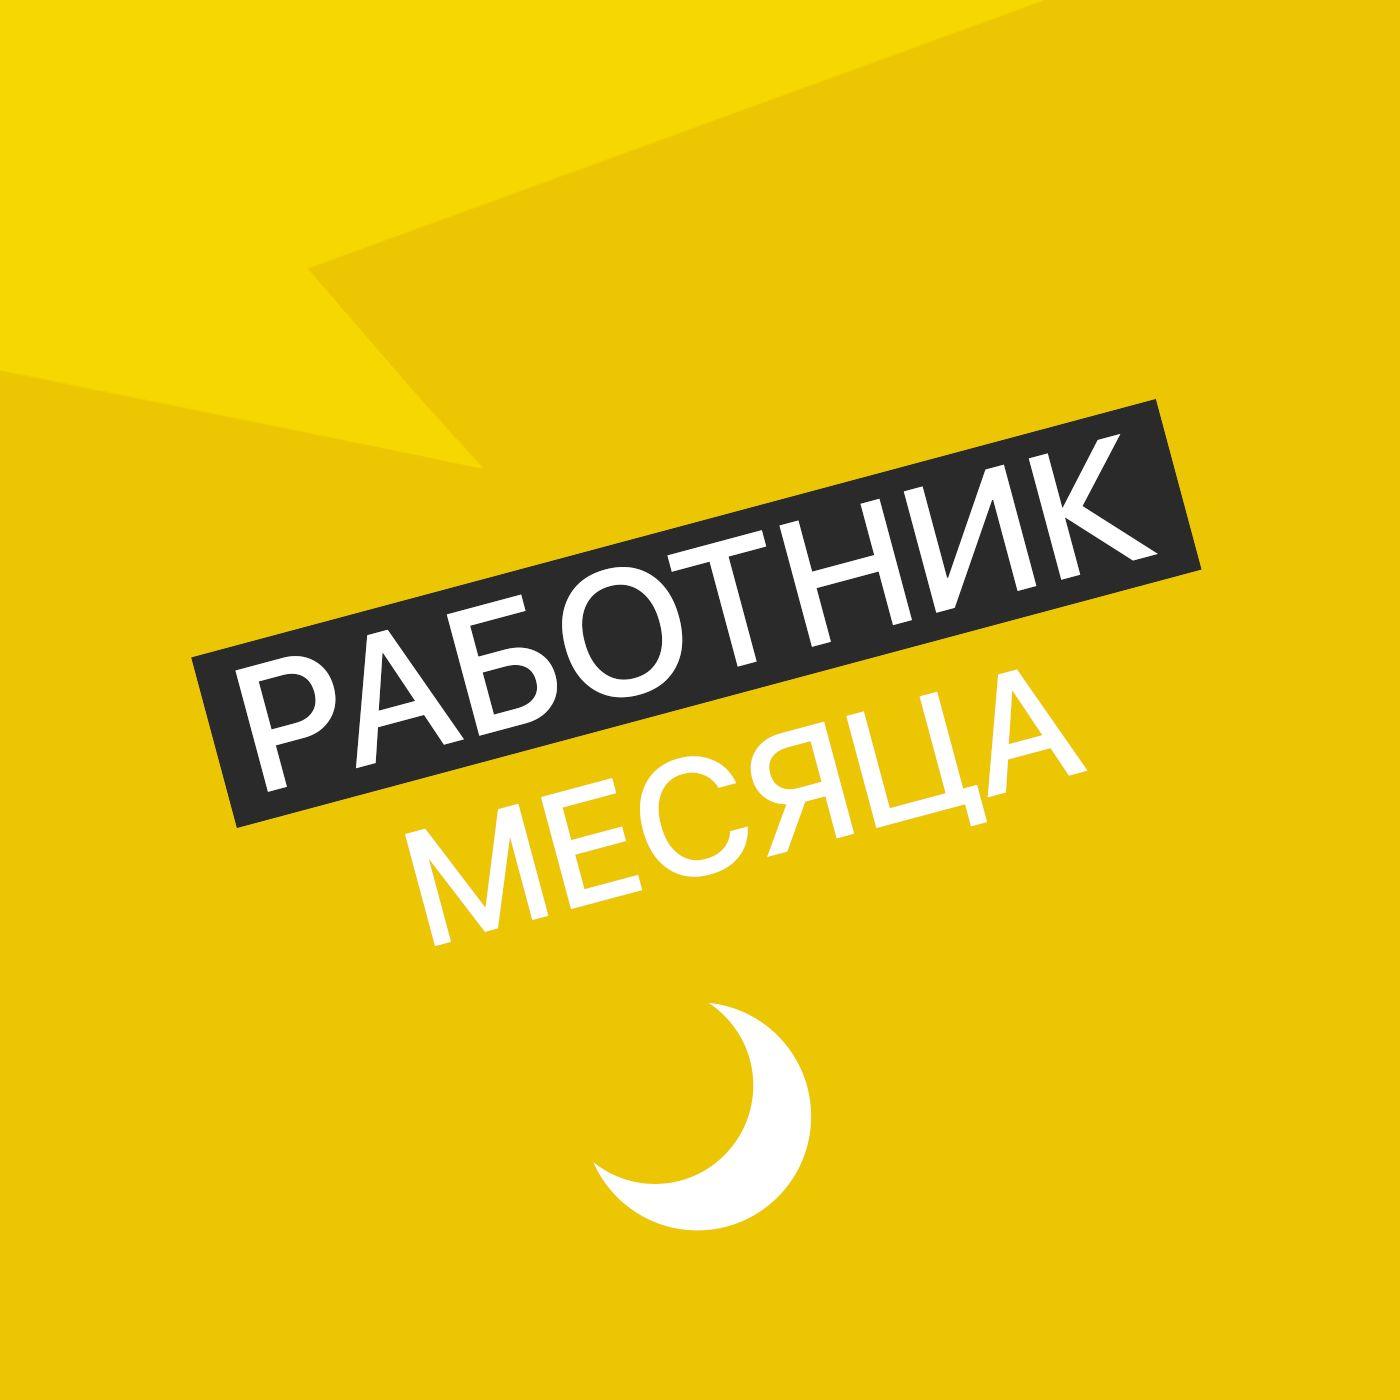 Творческий коллектив Mojomedia Фокусникиллюзионист овчинников с иллюзионист рассказы